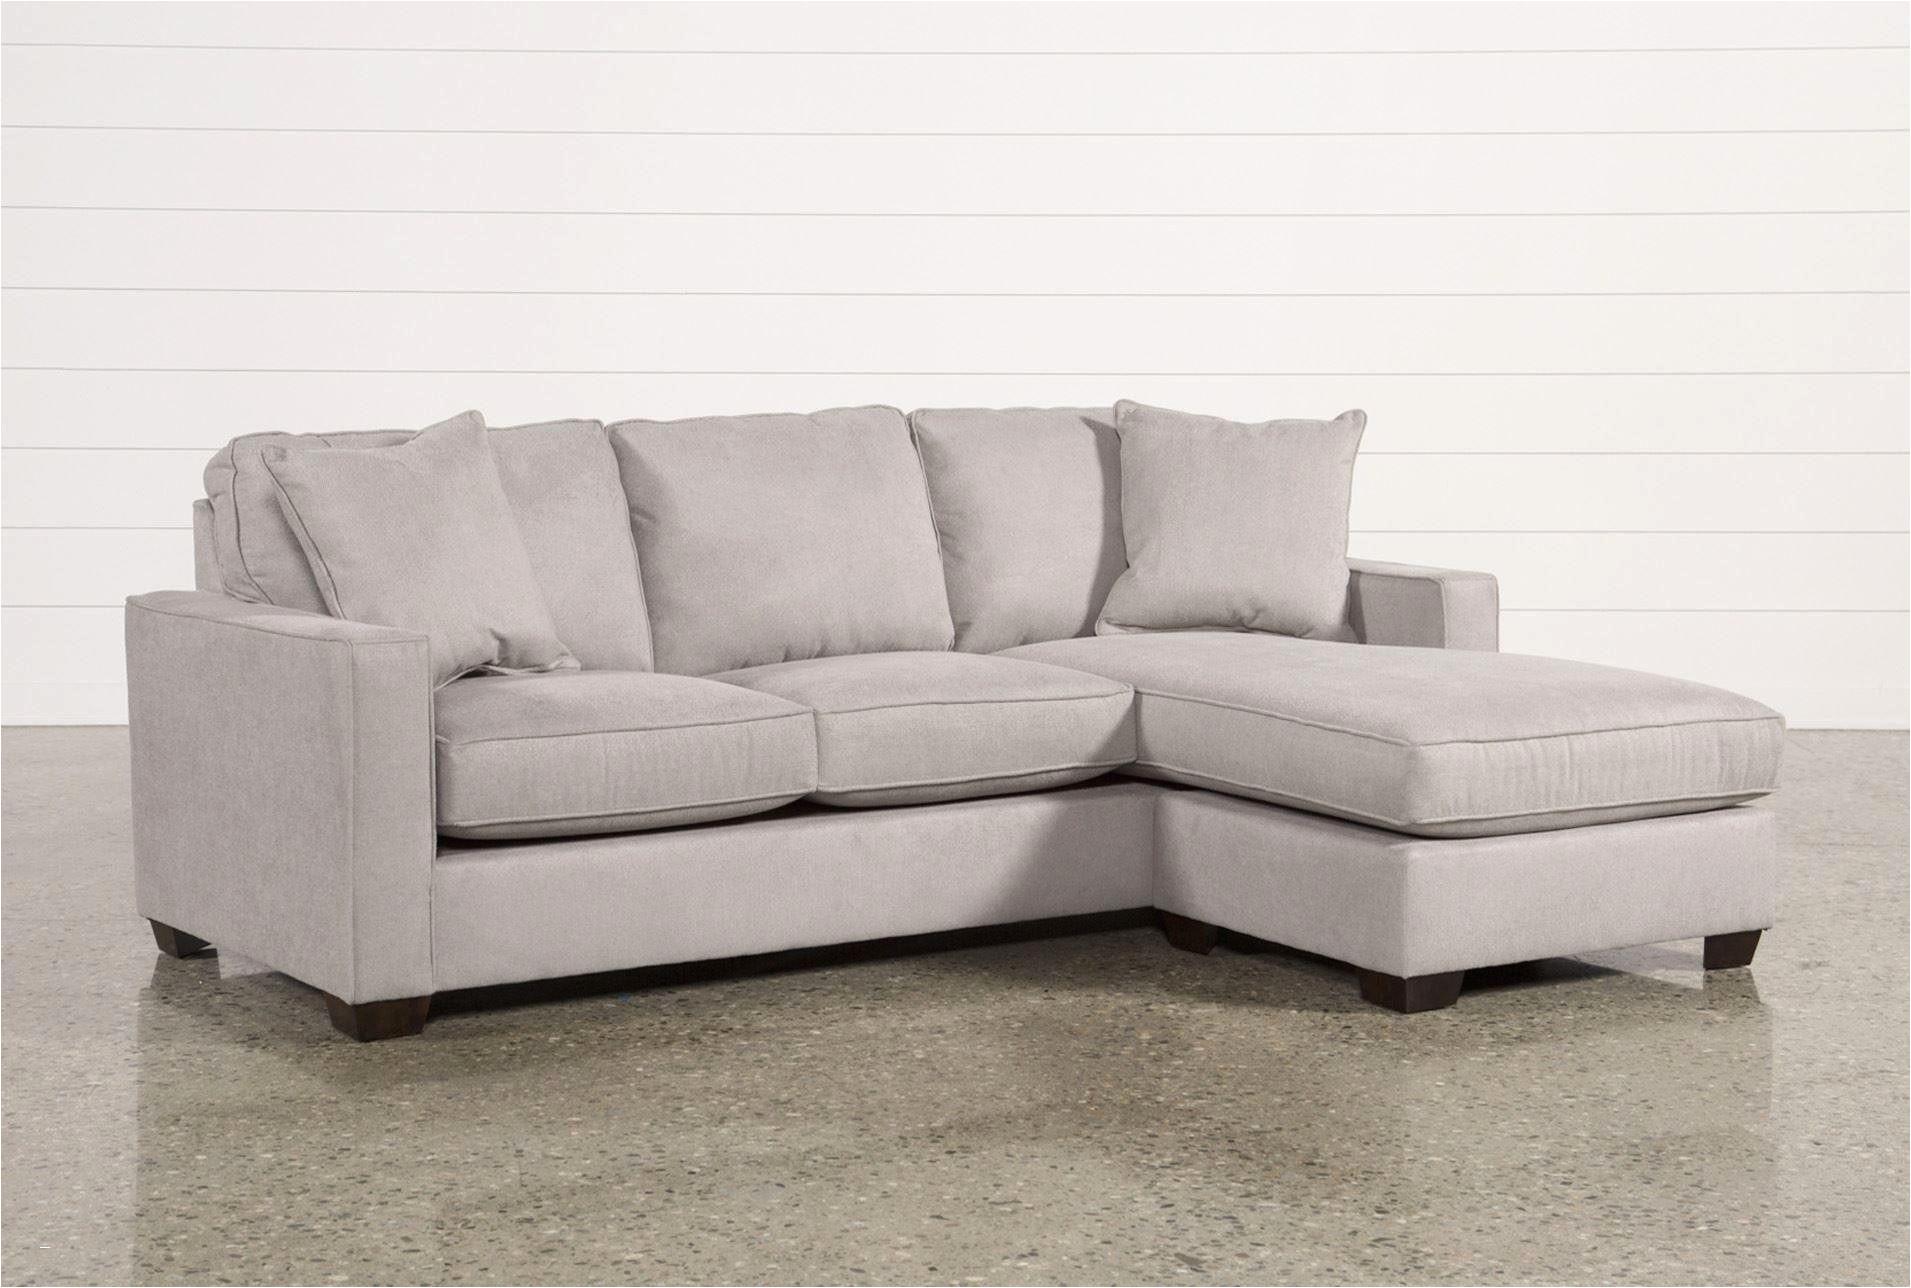 ikea schlafsofa friheten luxus 50 beautiful ikea friheten sofa bed 50 s fotos